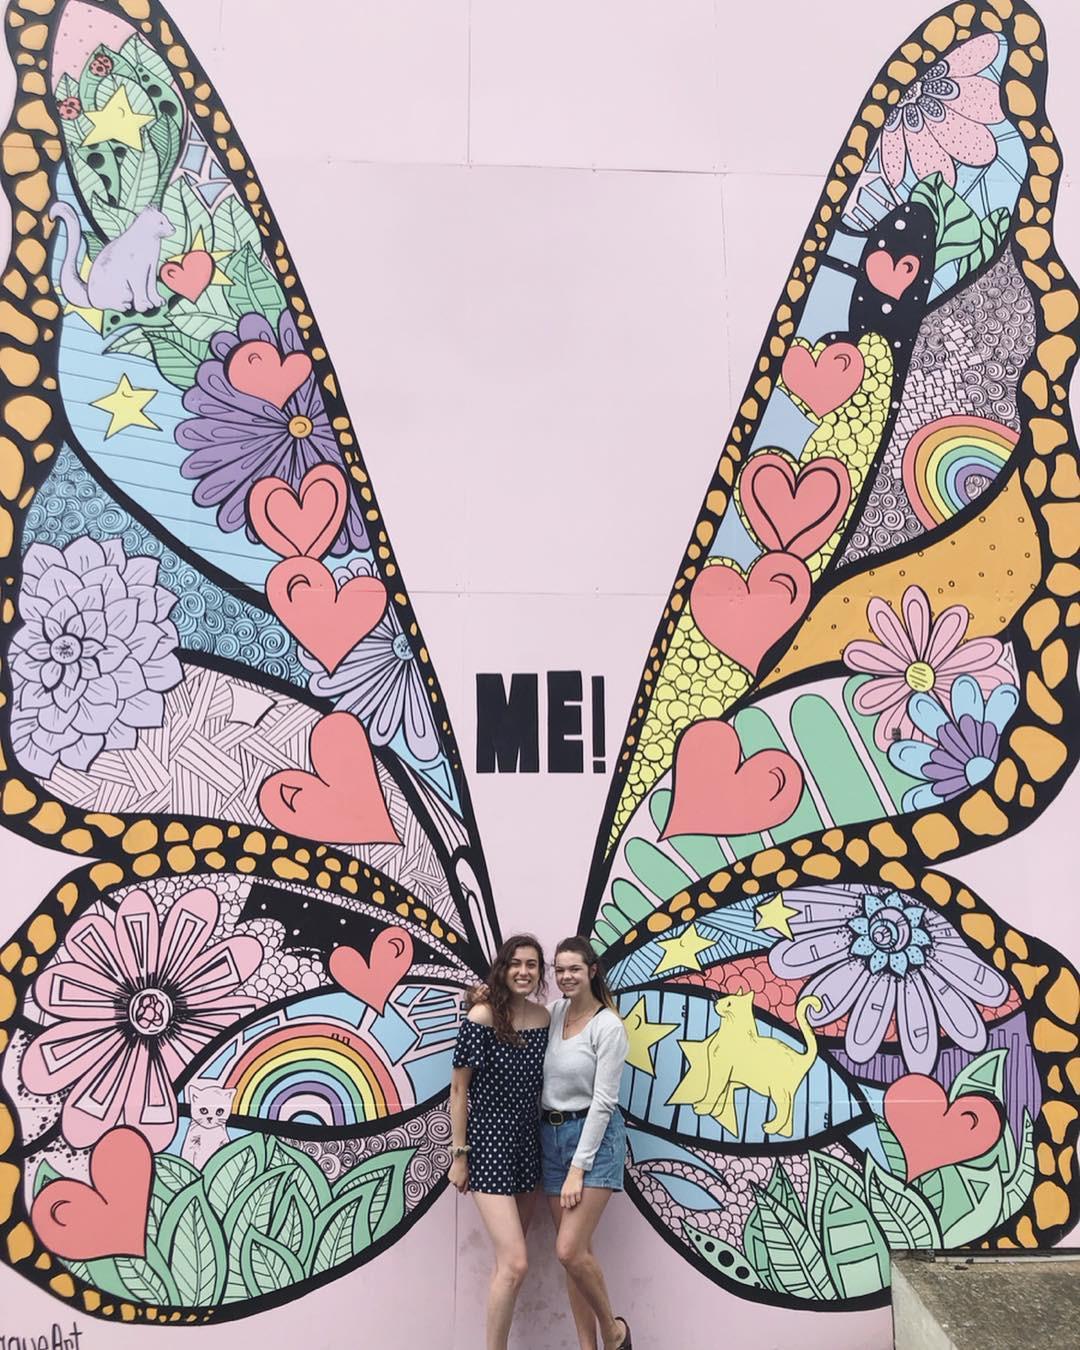 Không chỉ ra MV mới, Taylor Swift còn tặng fan hẳn một bức tường hoạ bướm khổng lồ cực đẹp để tha hồ check-in - Ảnh 14.